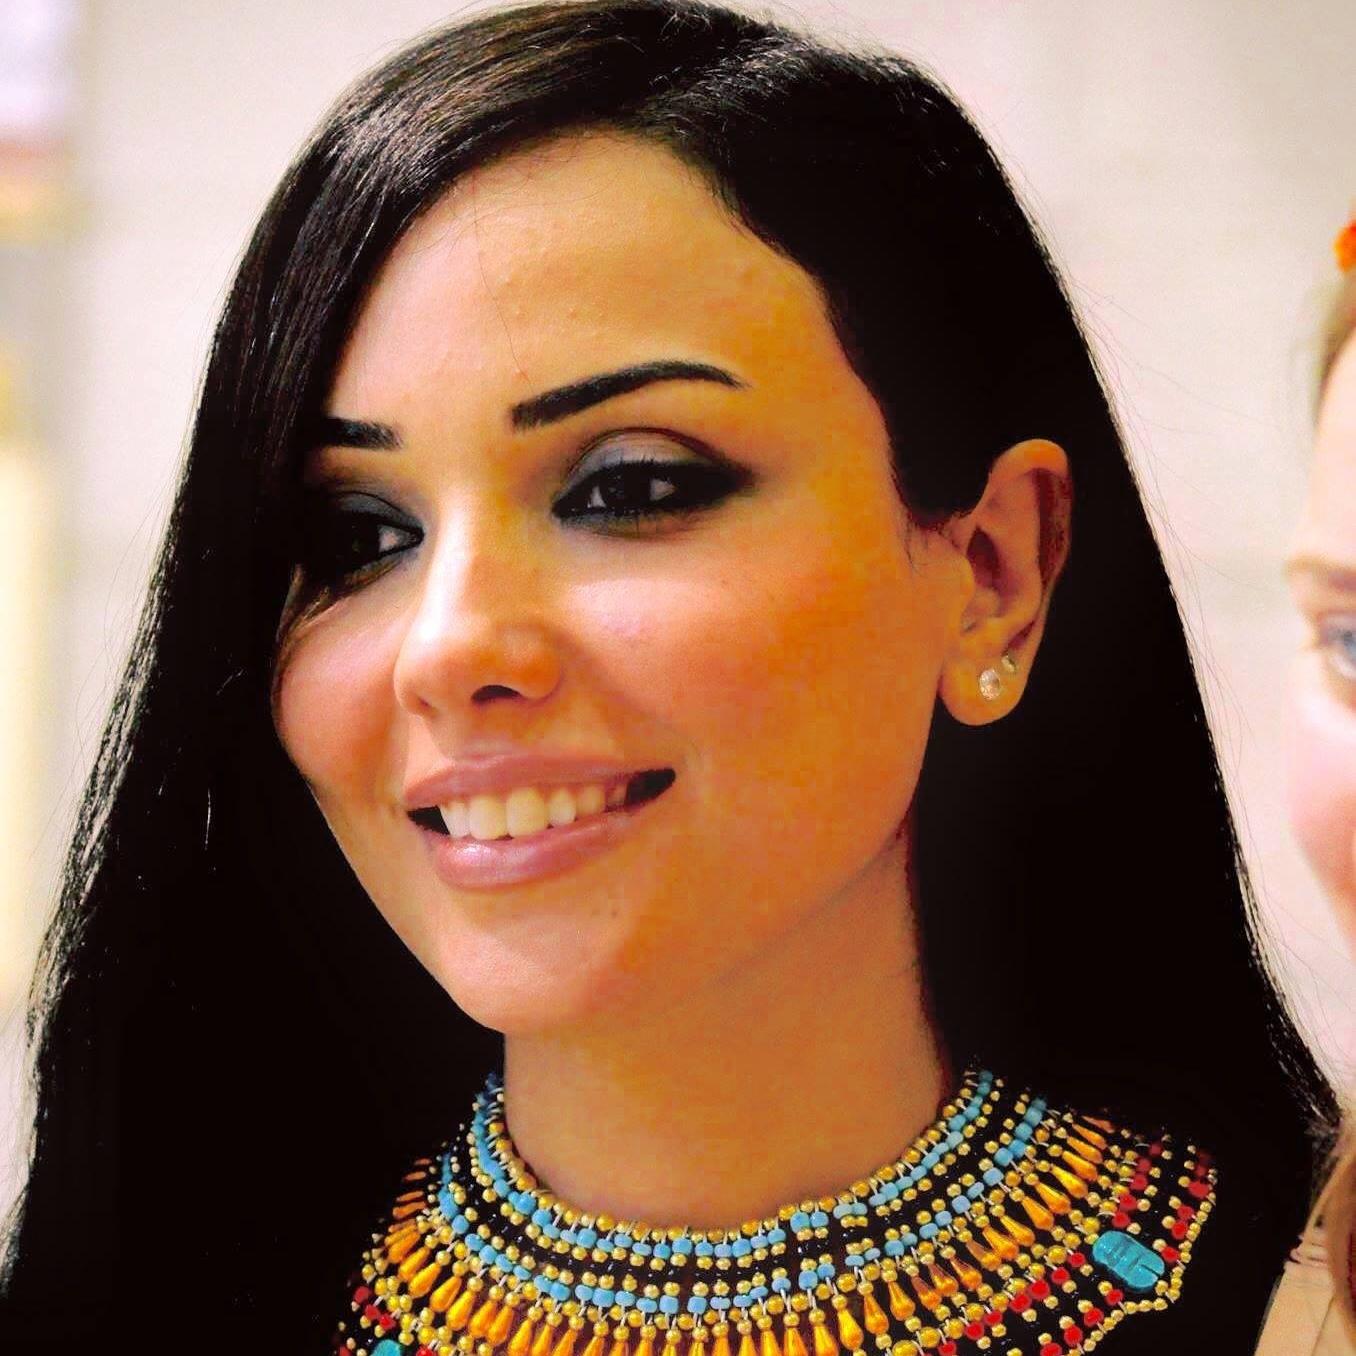 Shaymaa Headshot - Shaymaa Gaafar.jpg